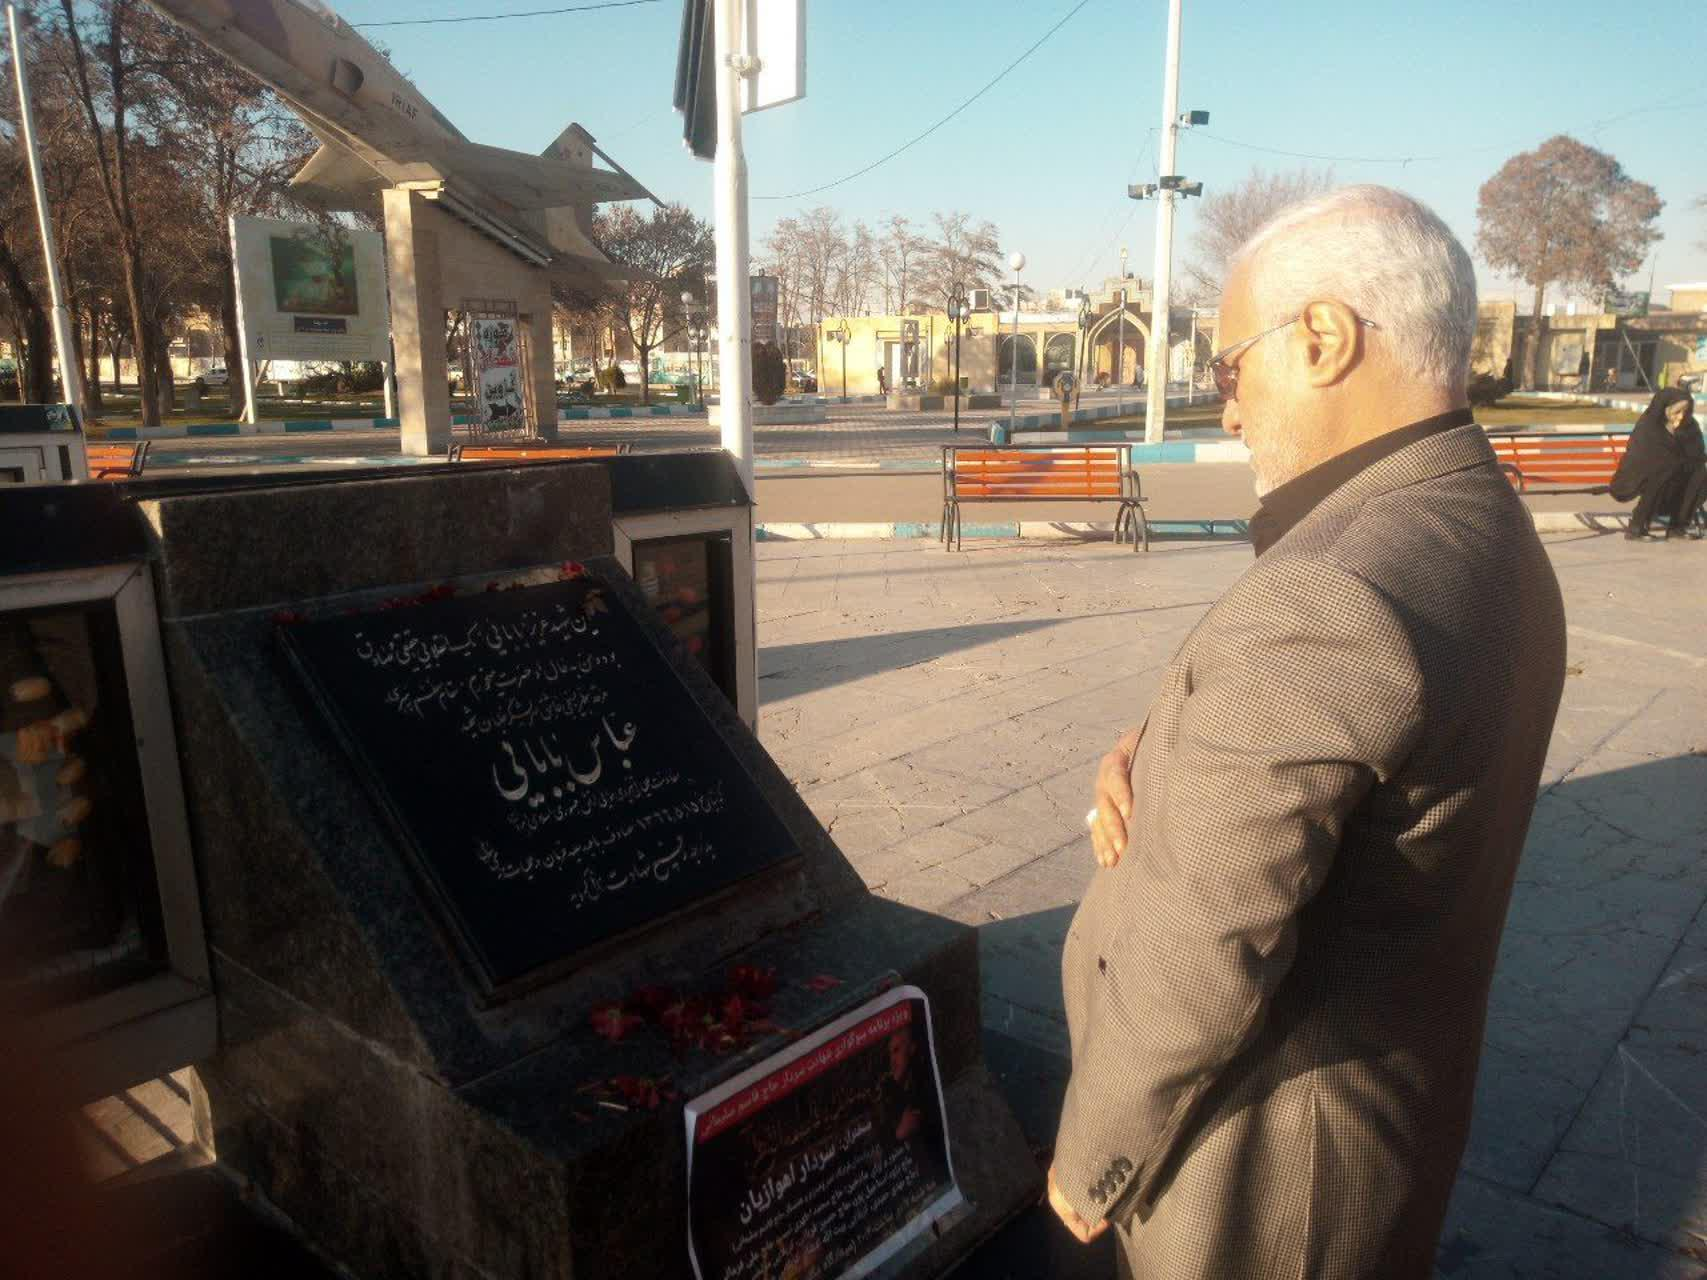 حضور استاد حسن عباسی در گلزار شهدای قزوین و زیارت مزار شهید عباس بابایی